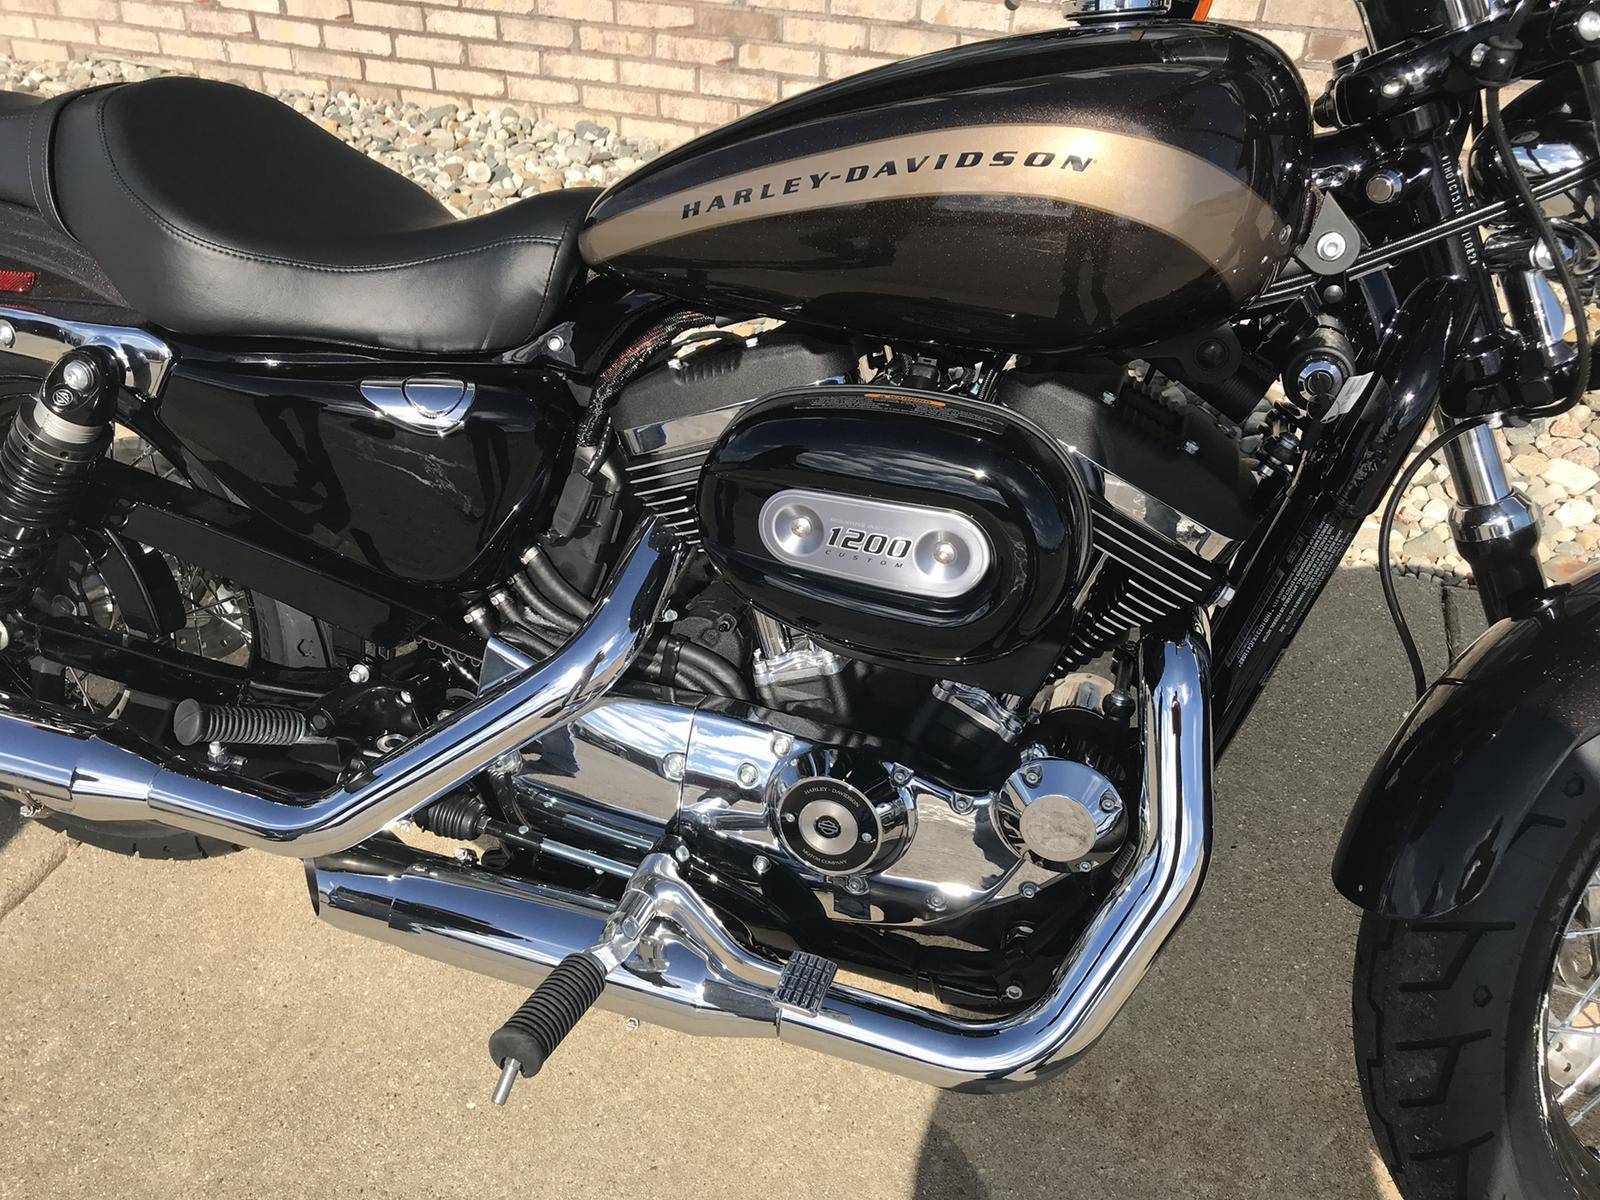 2018 Harley-Davidson® XL1200C - SPORTSTER for sale in Bay City, MI